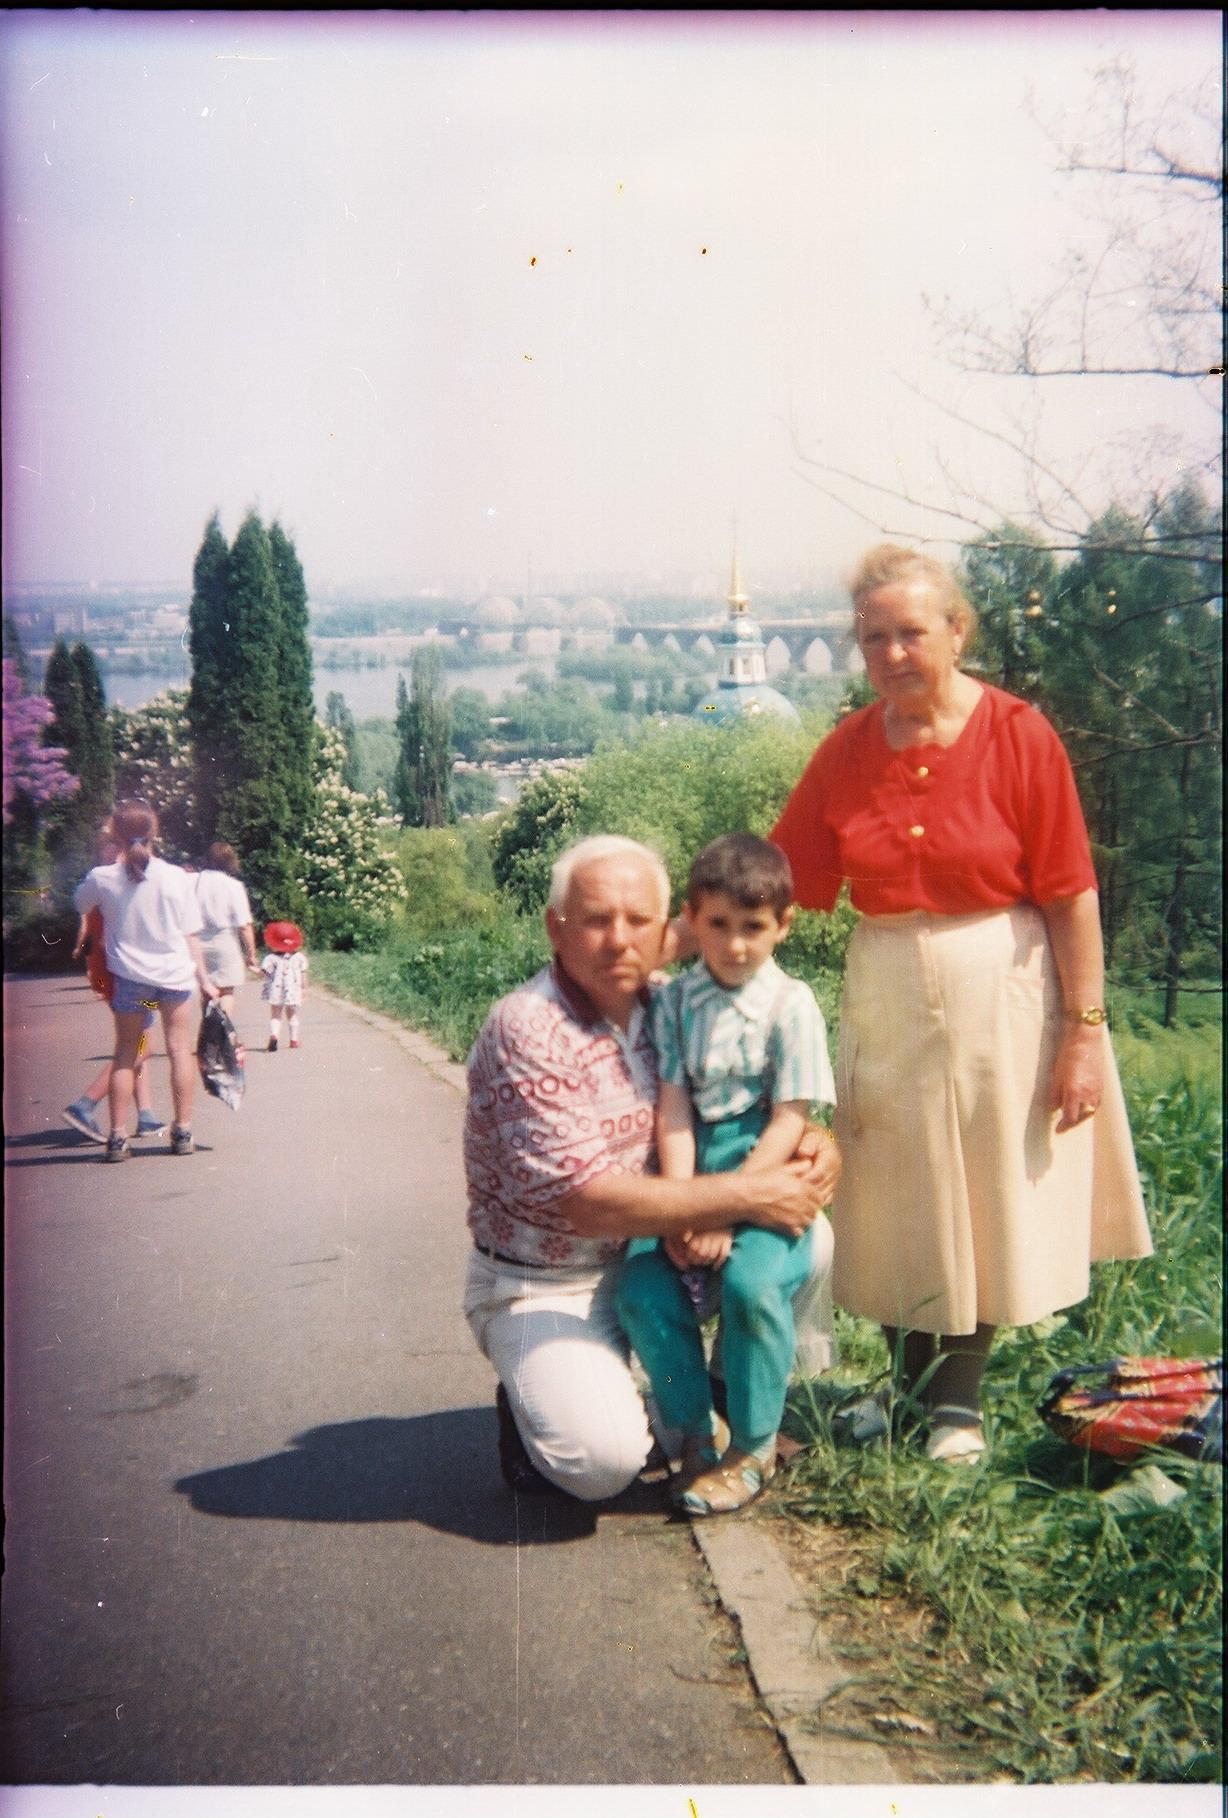 Папа с мамой и внуком (Стасом) Ботанический сад, Киев, 1990е.